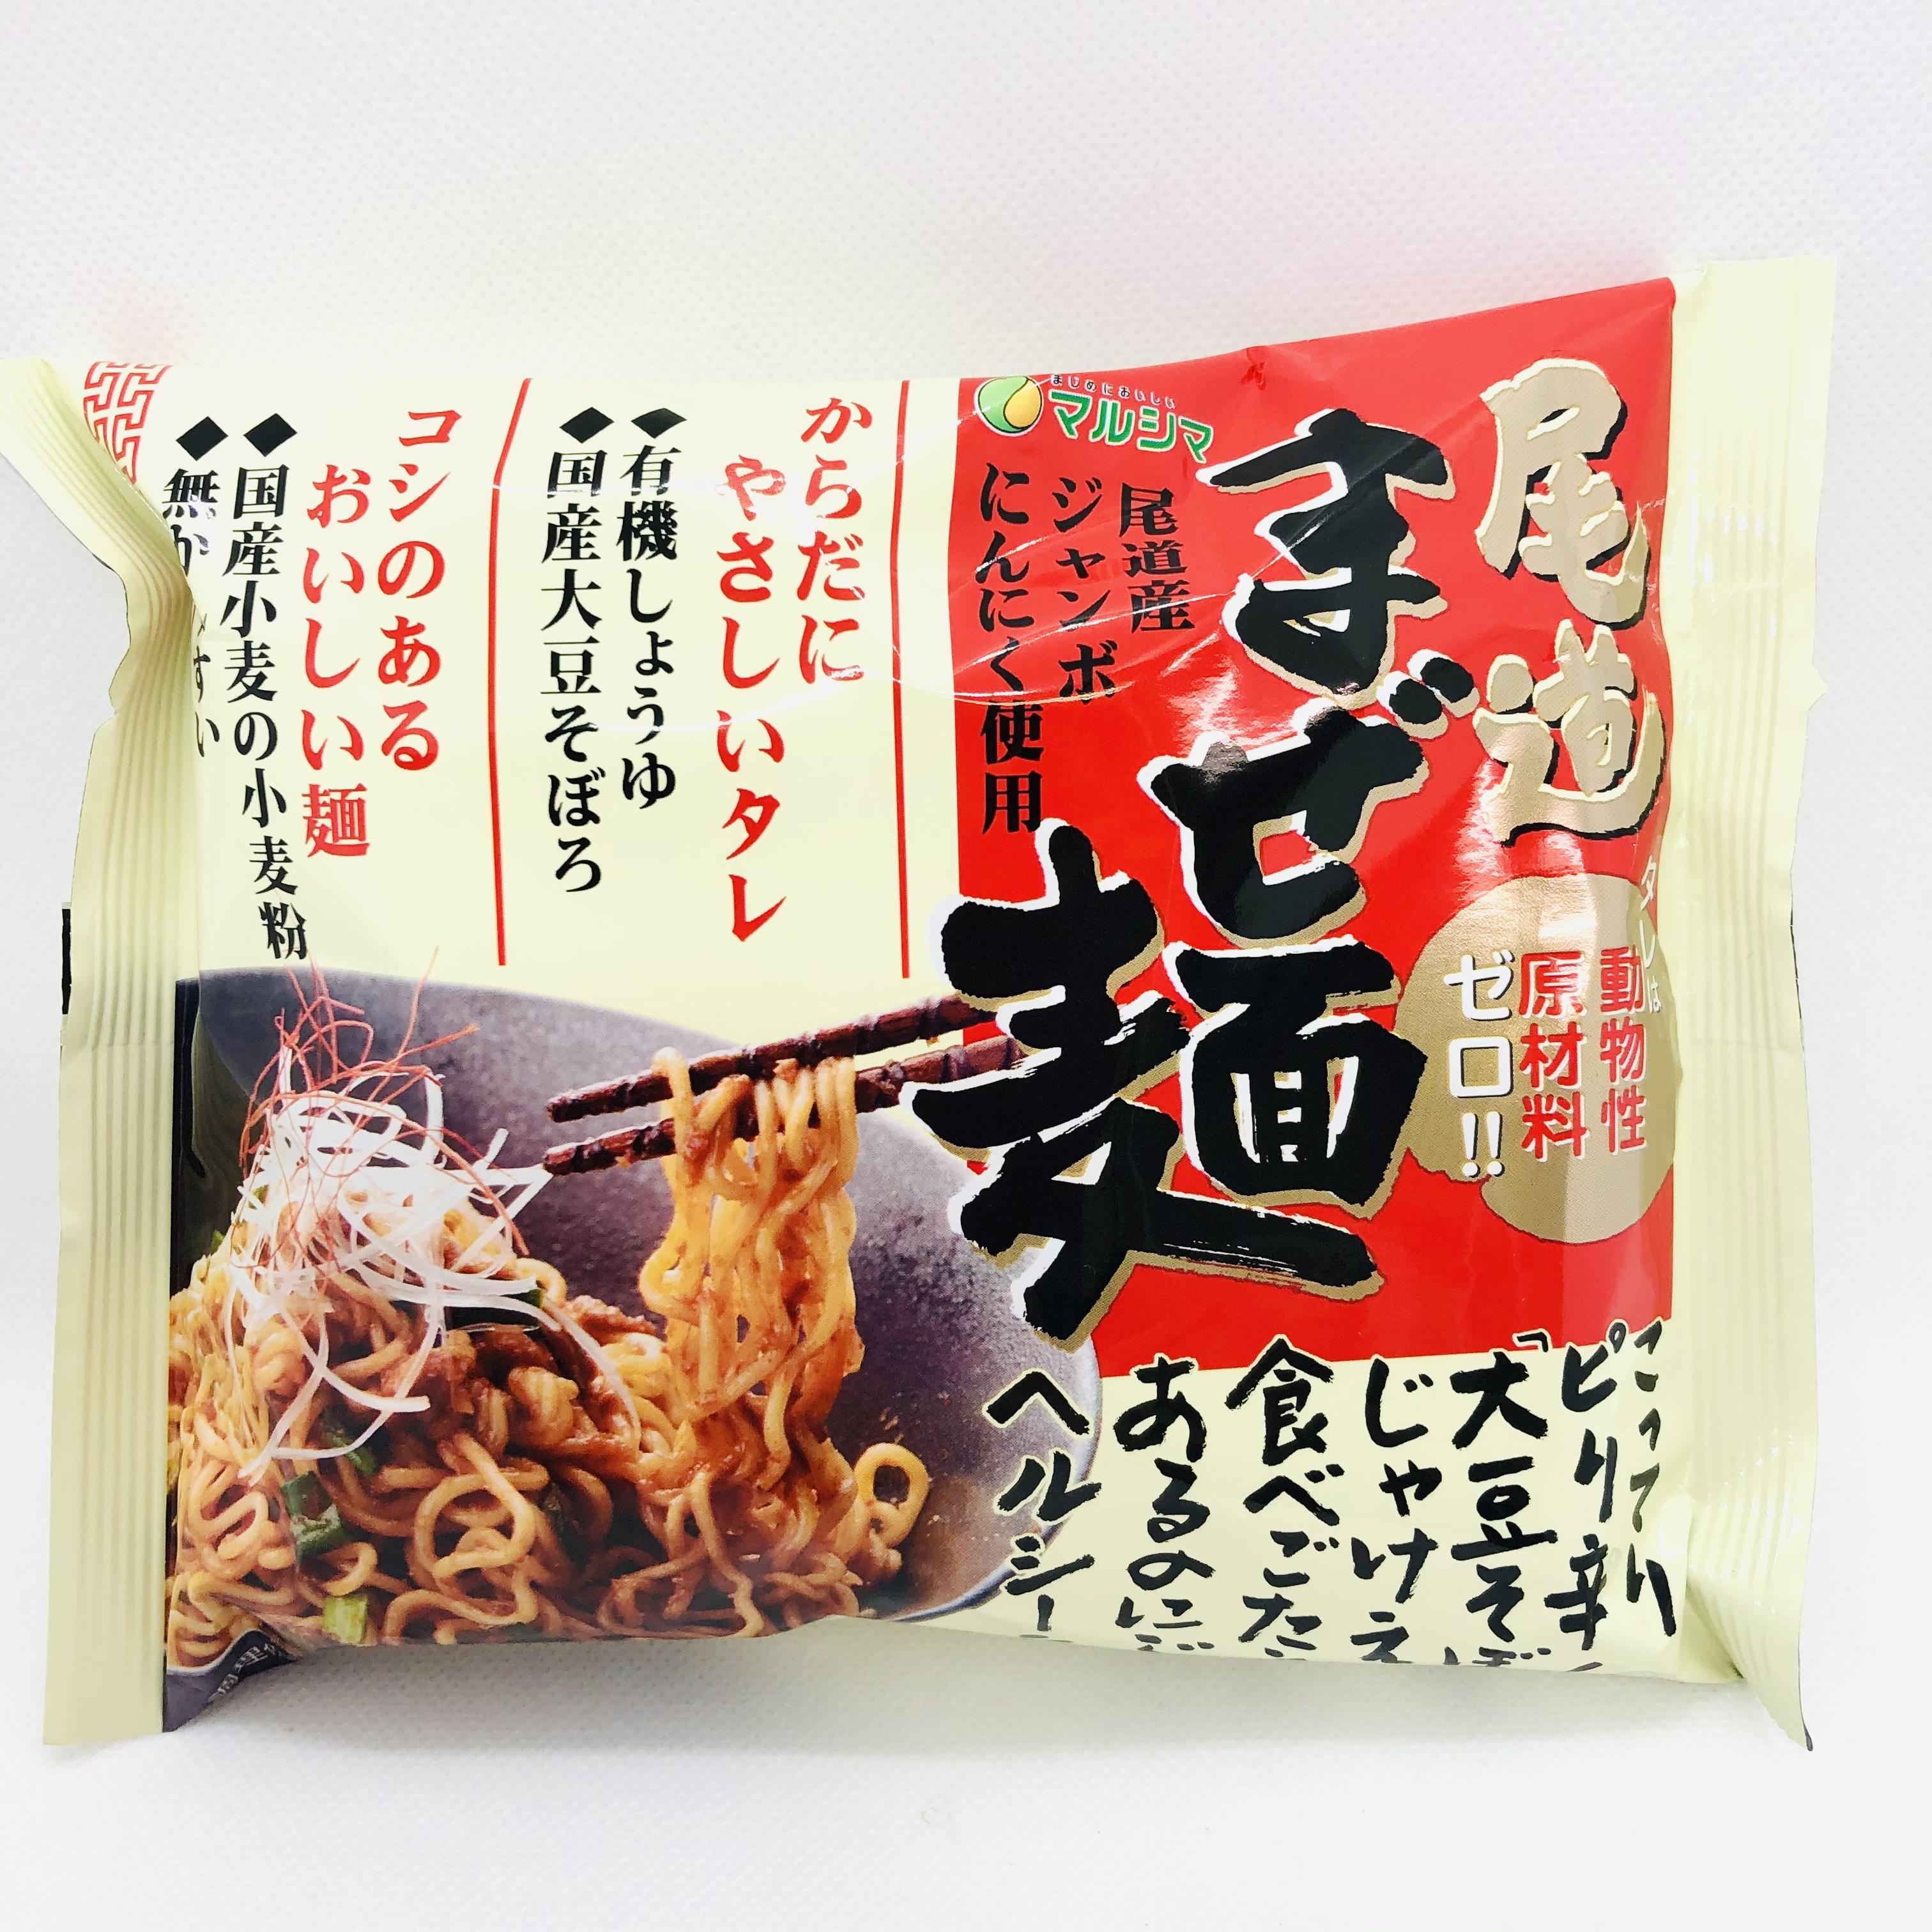 尾道まぜ麺テレビで紹介🤗